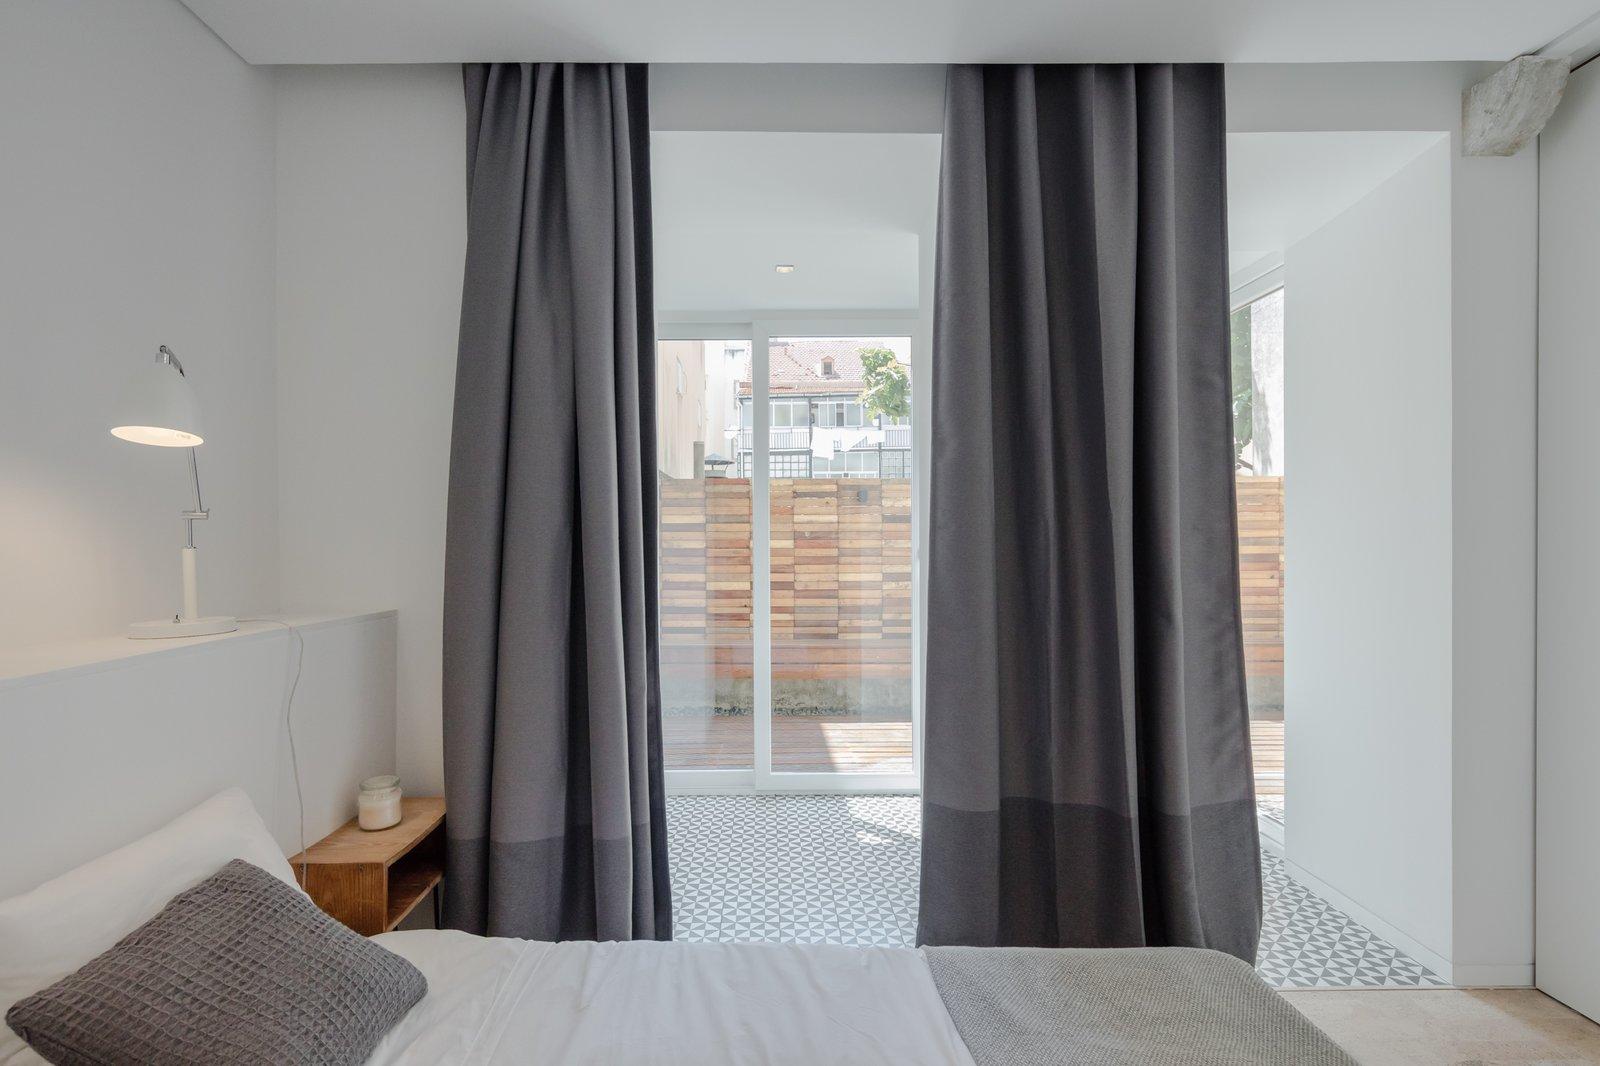 Bedroom, Bed, Night Stands, Cork Floor, Table Lighting, and Ceramic Tile Floor  Rua Maria Loft